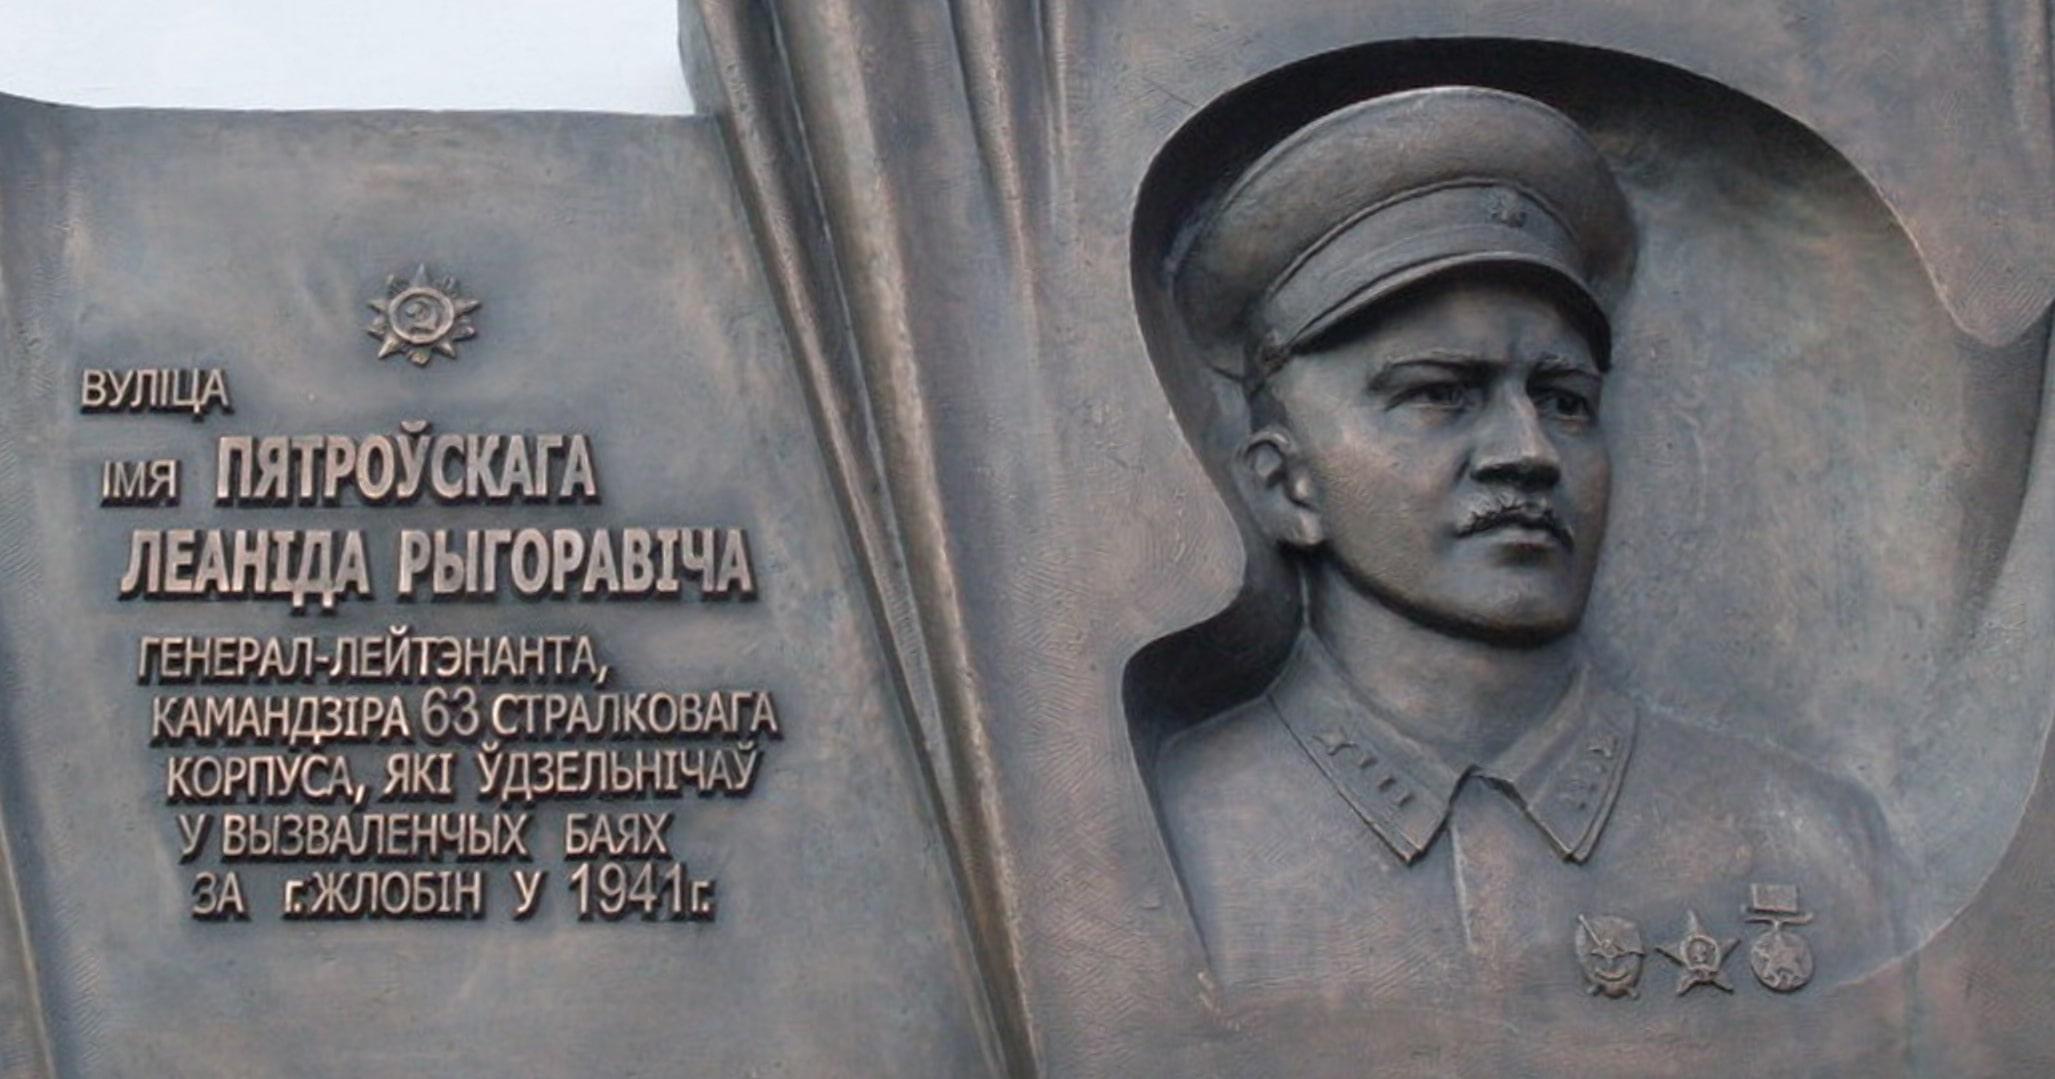 В Беларуси помнят генерала Петровского